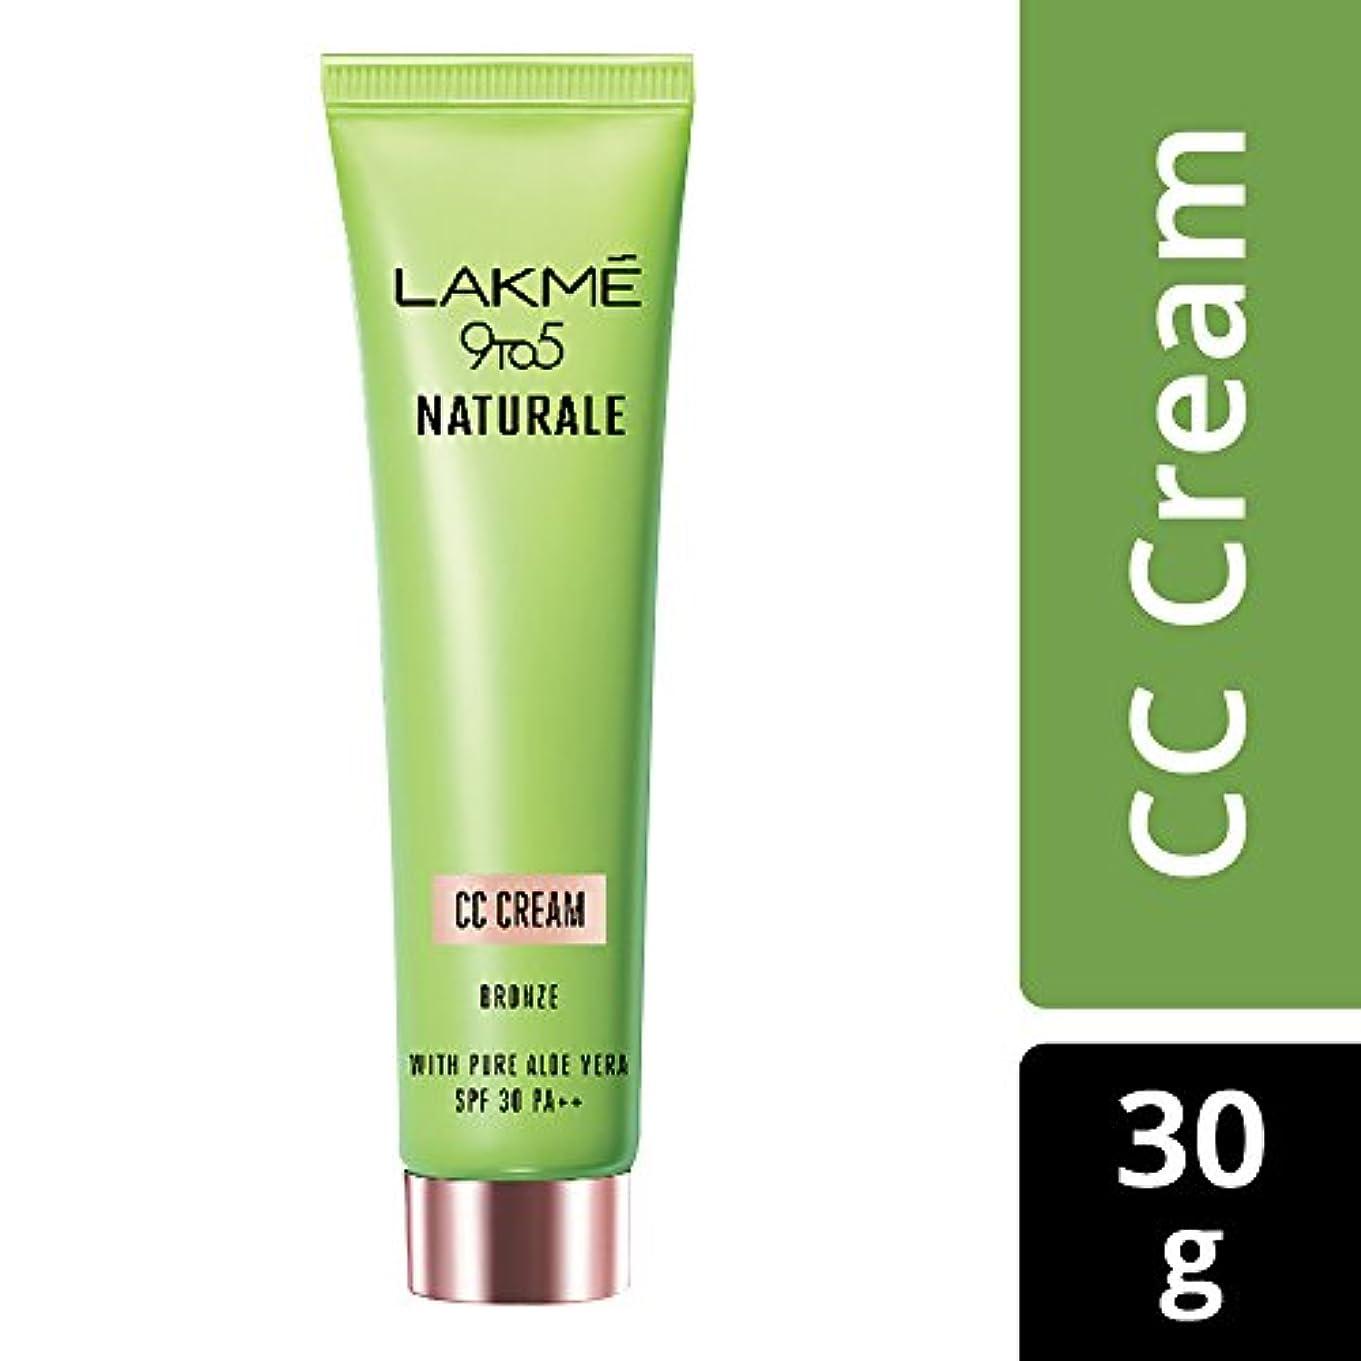 の配列歴史的アスペクトLakme 9 to 5 Naturale CC Cream, Bronze, 30g